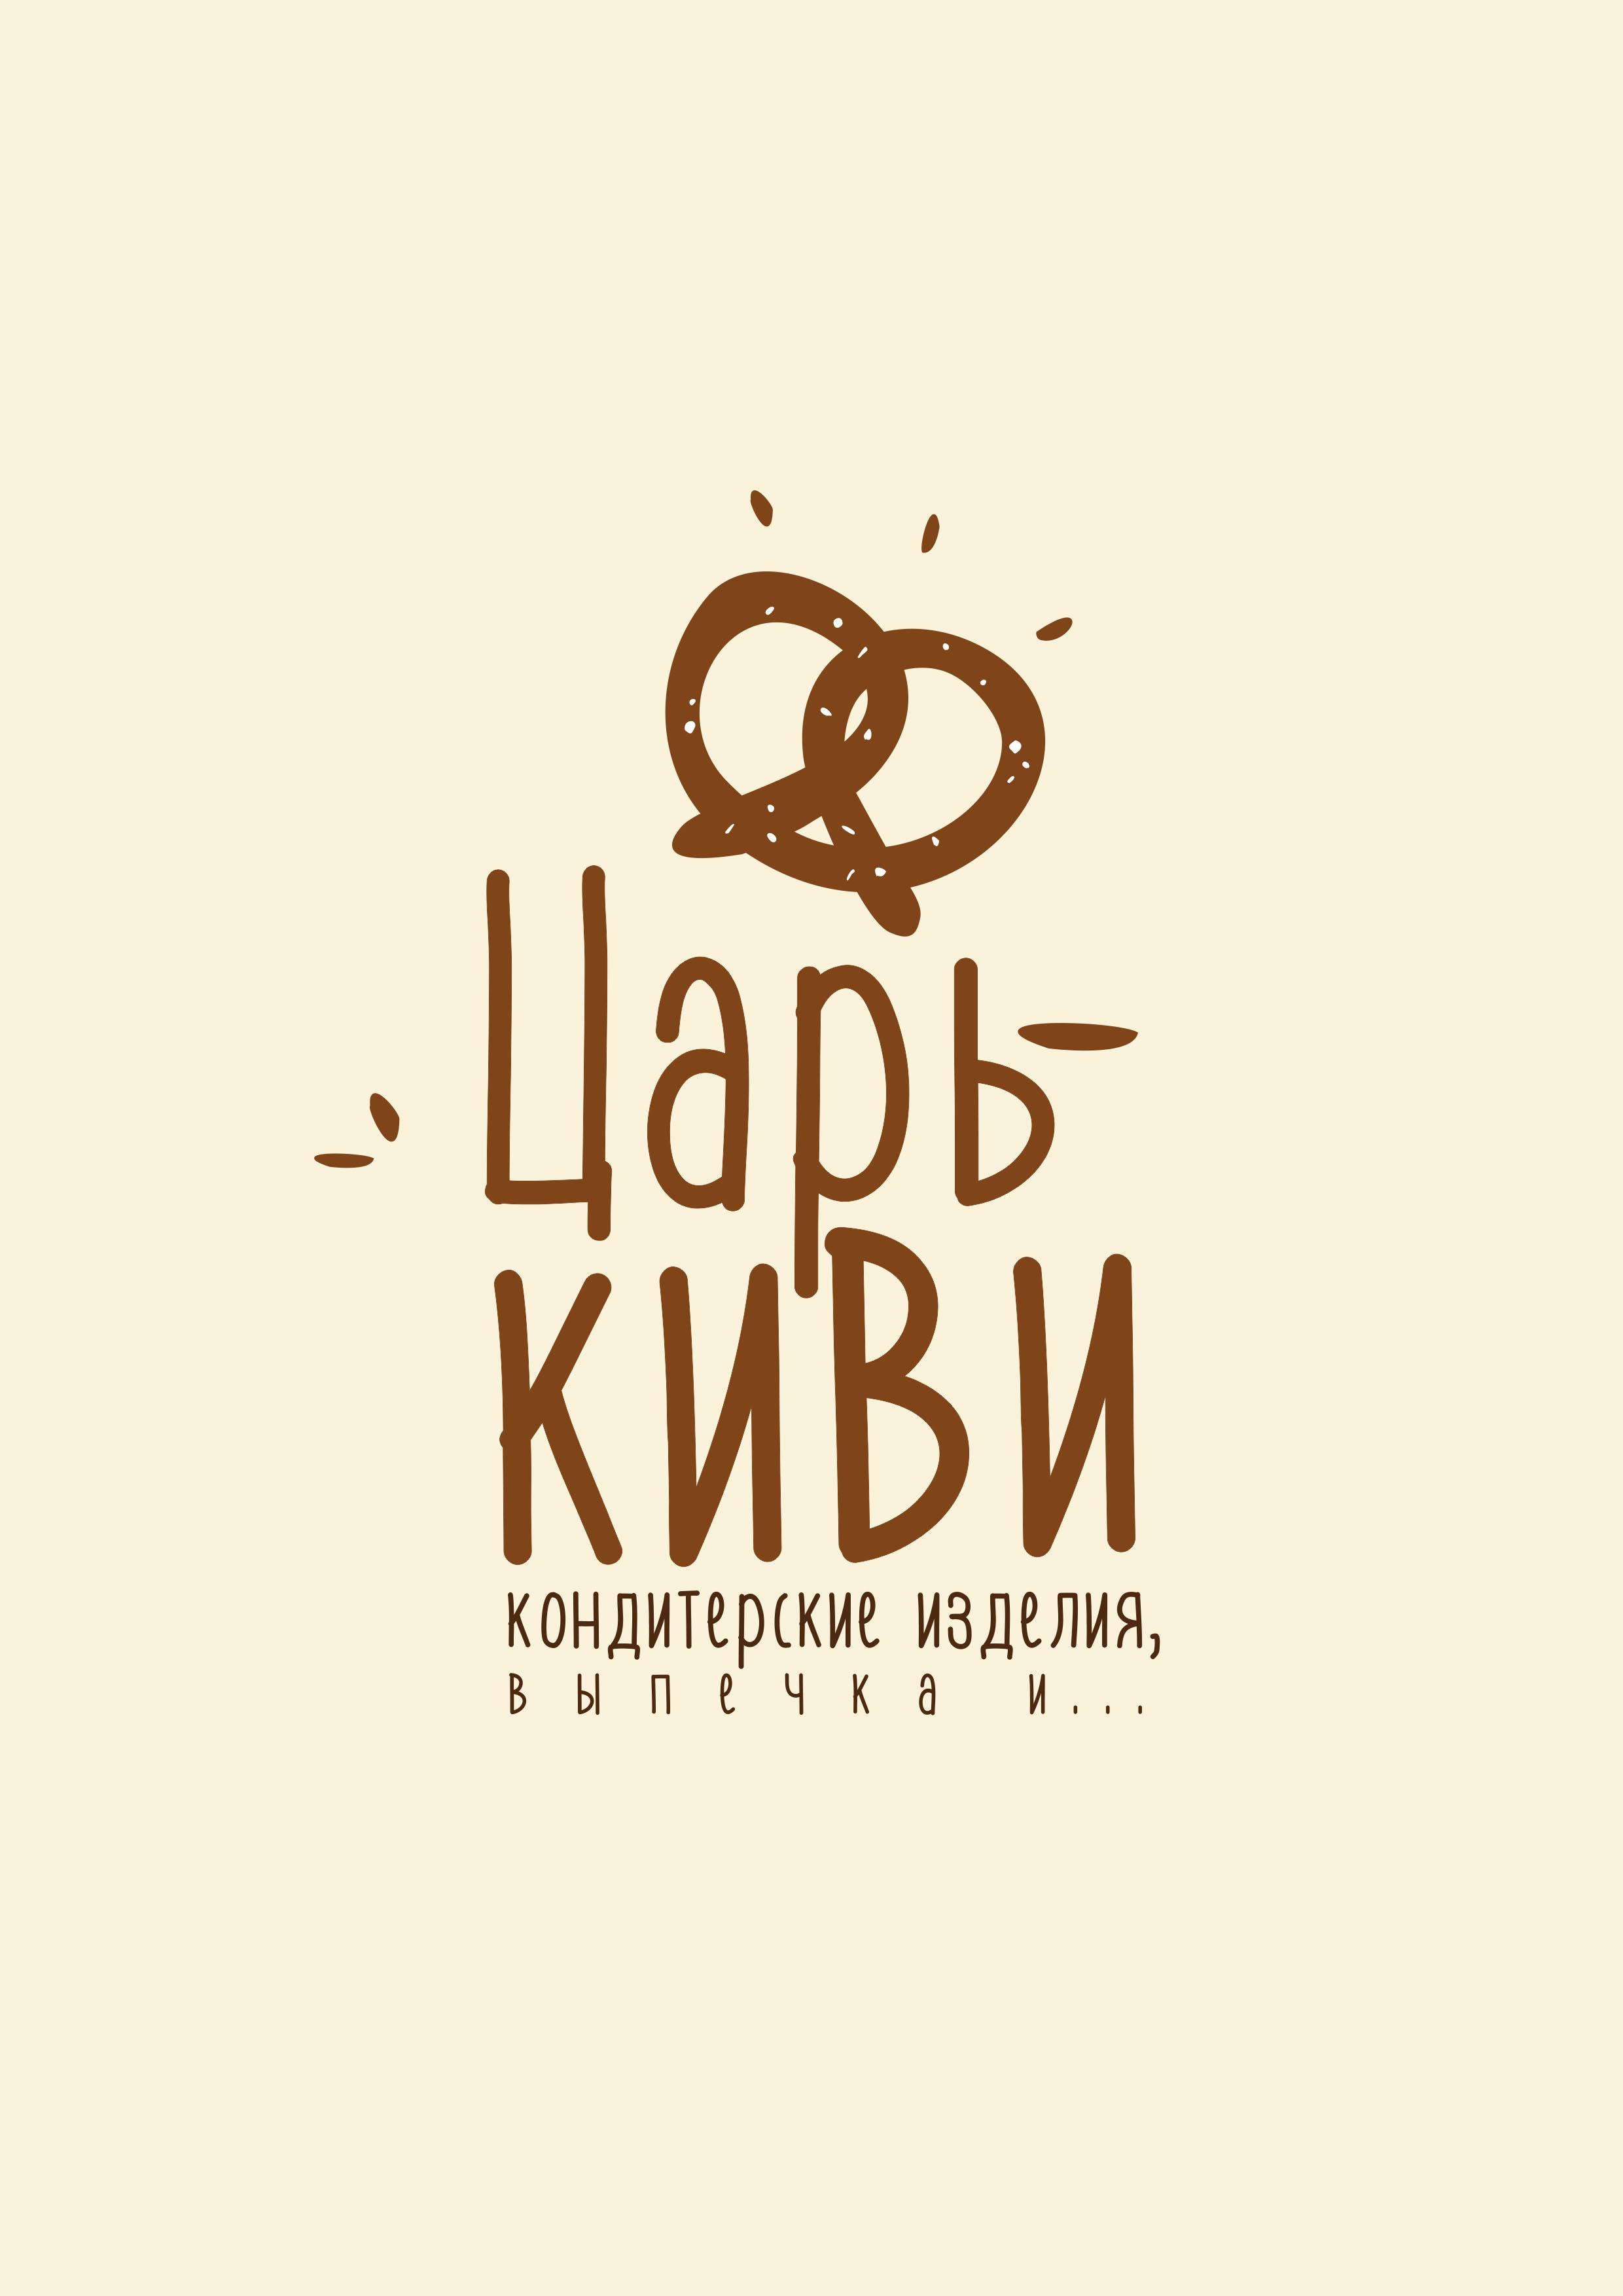 """Доработать дизайн логотипа кафе-кондитерской """"Царь-Киви"""" фото f_8265a0591ca9aa95.jpg"""